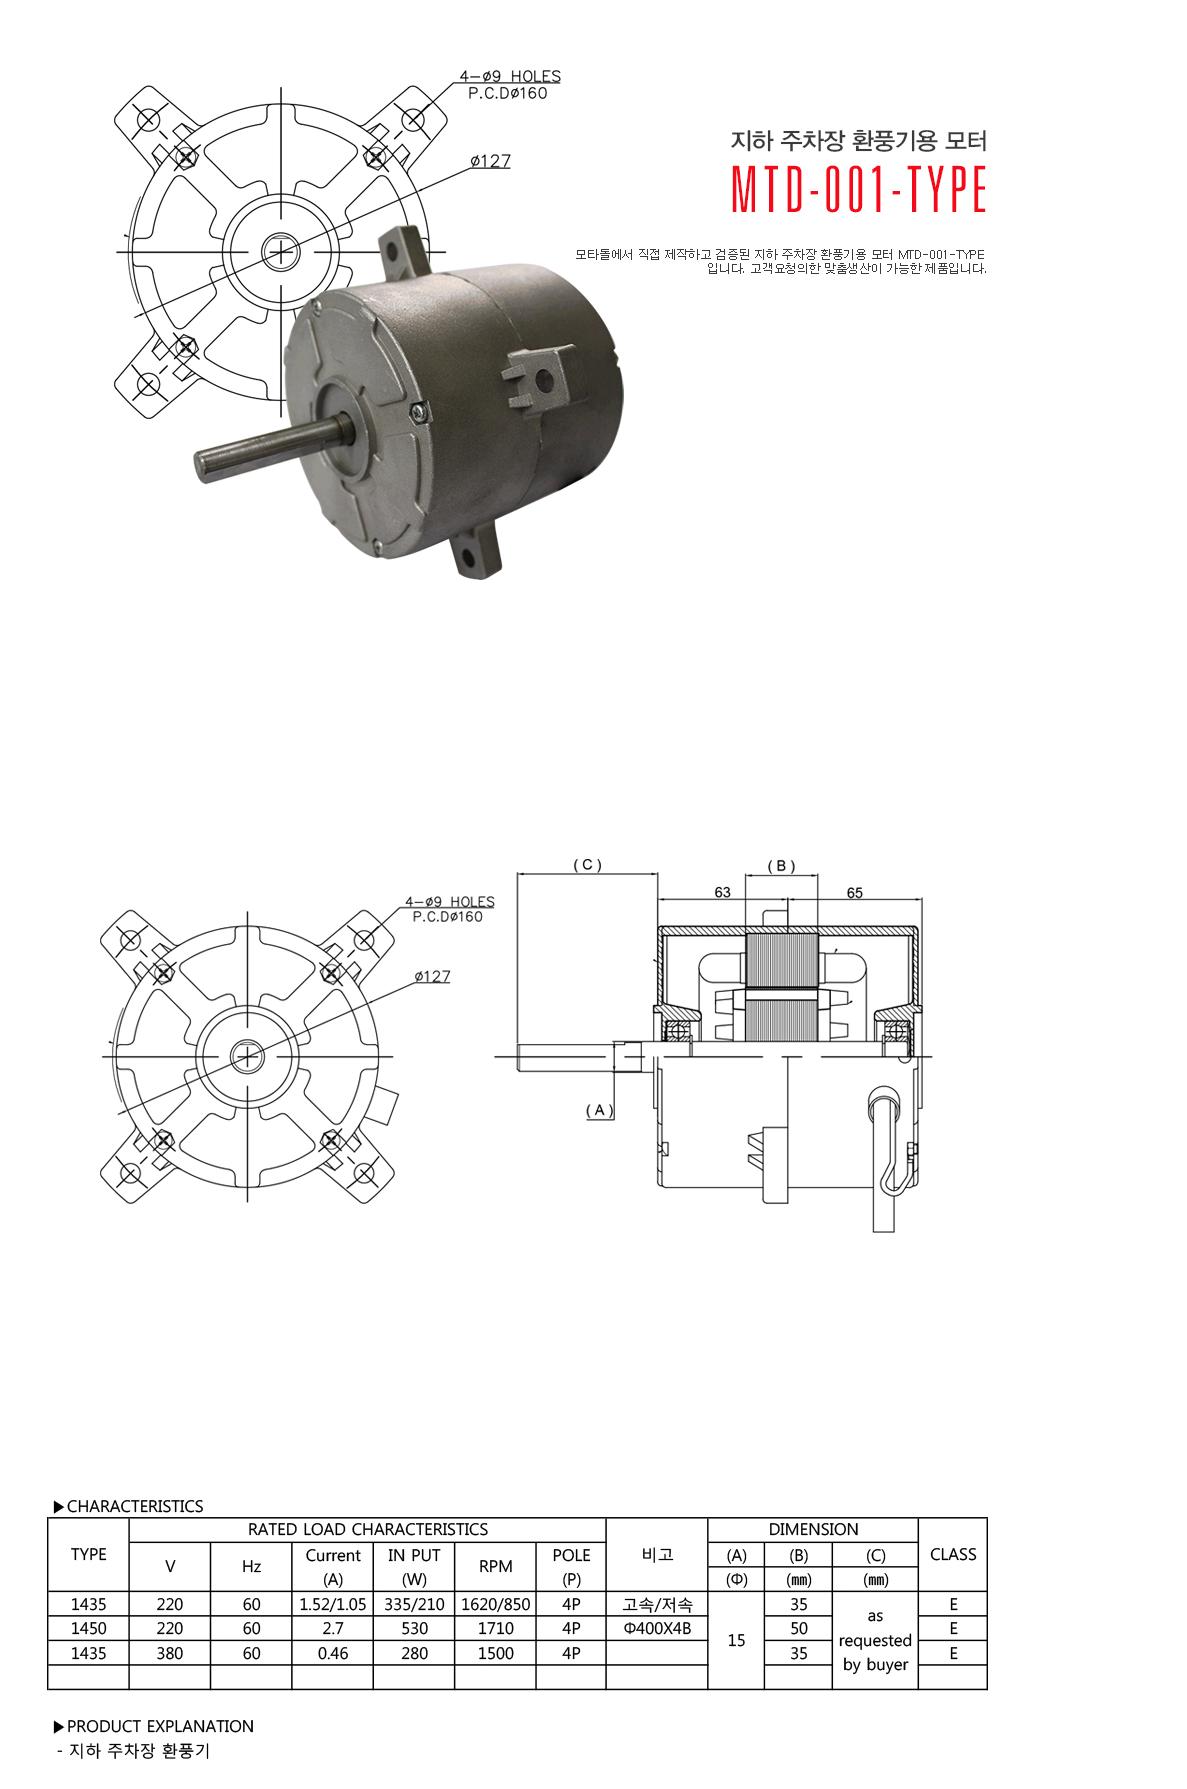 모타돌 지하 주차장 환풍기용 모터 MTD-001 Type